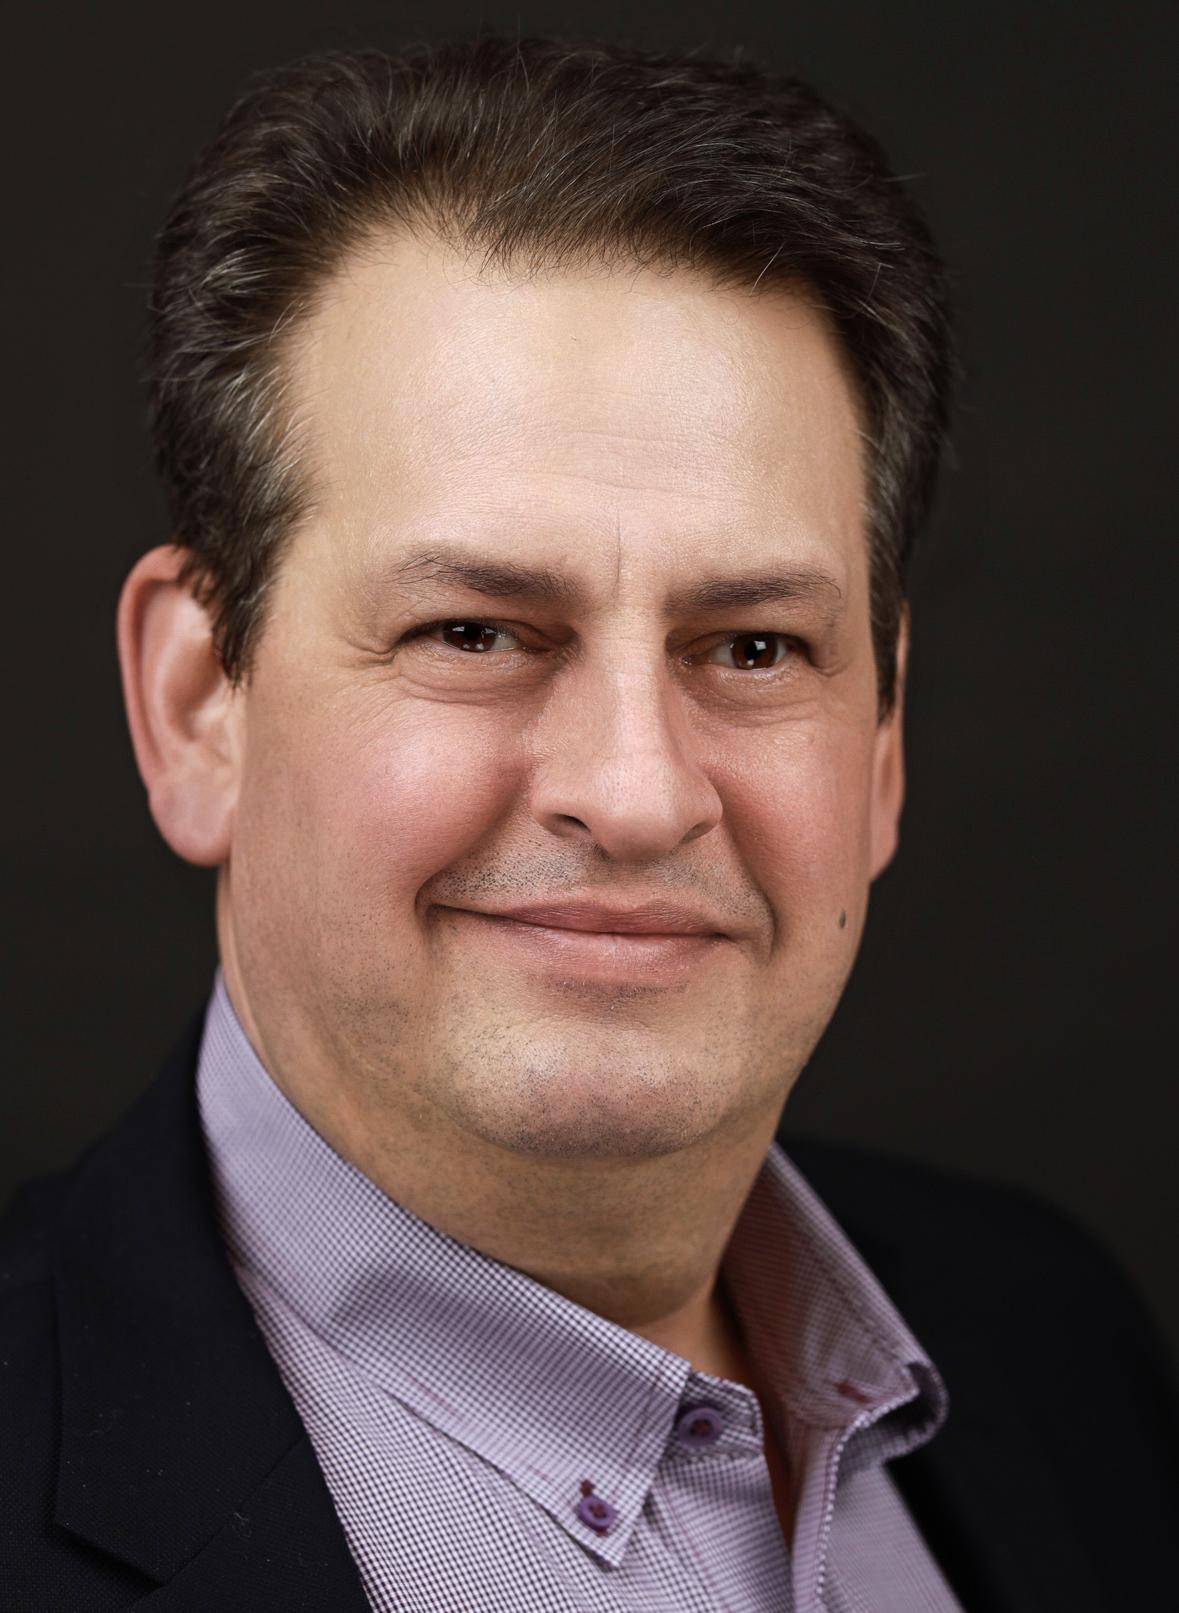 Scott Peluso